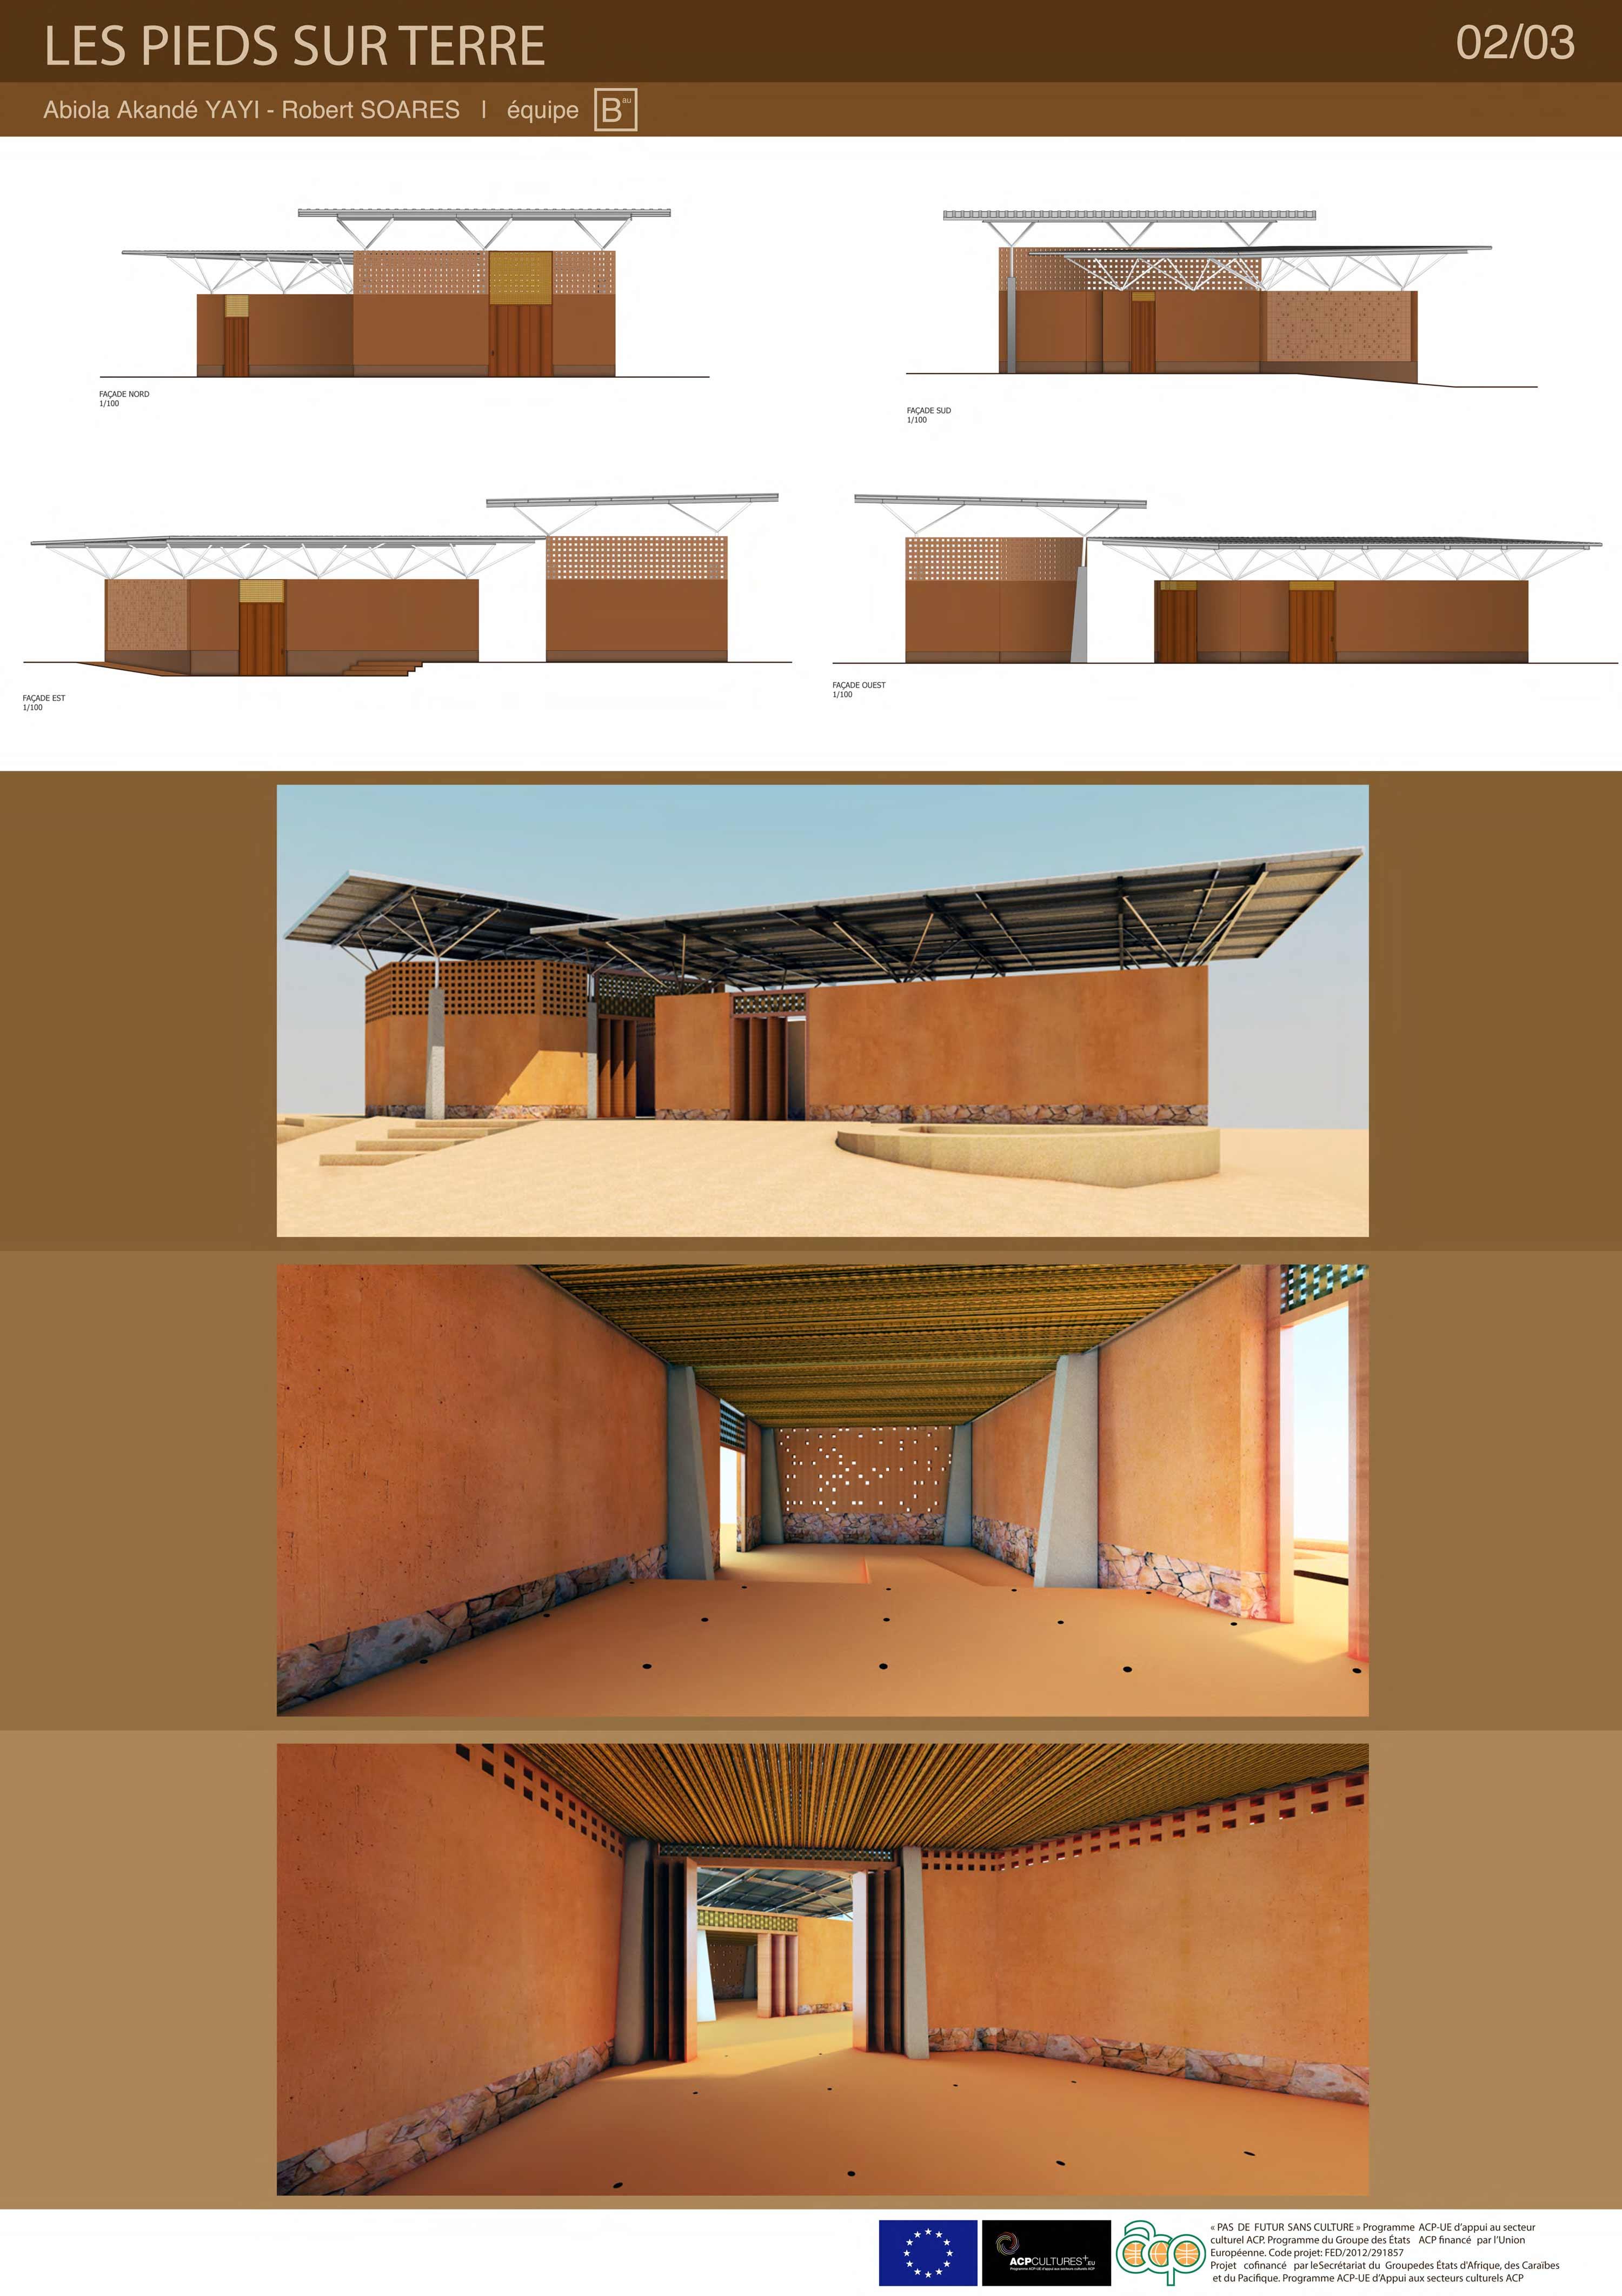 2 concours d id es terre d 39 afrique et architecture for Architecture africaine